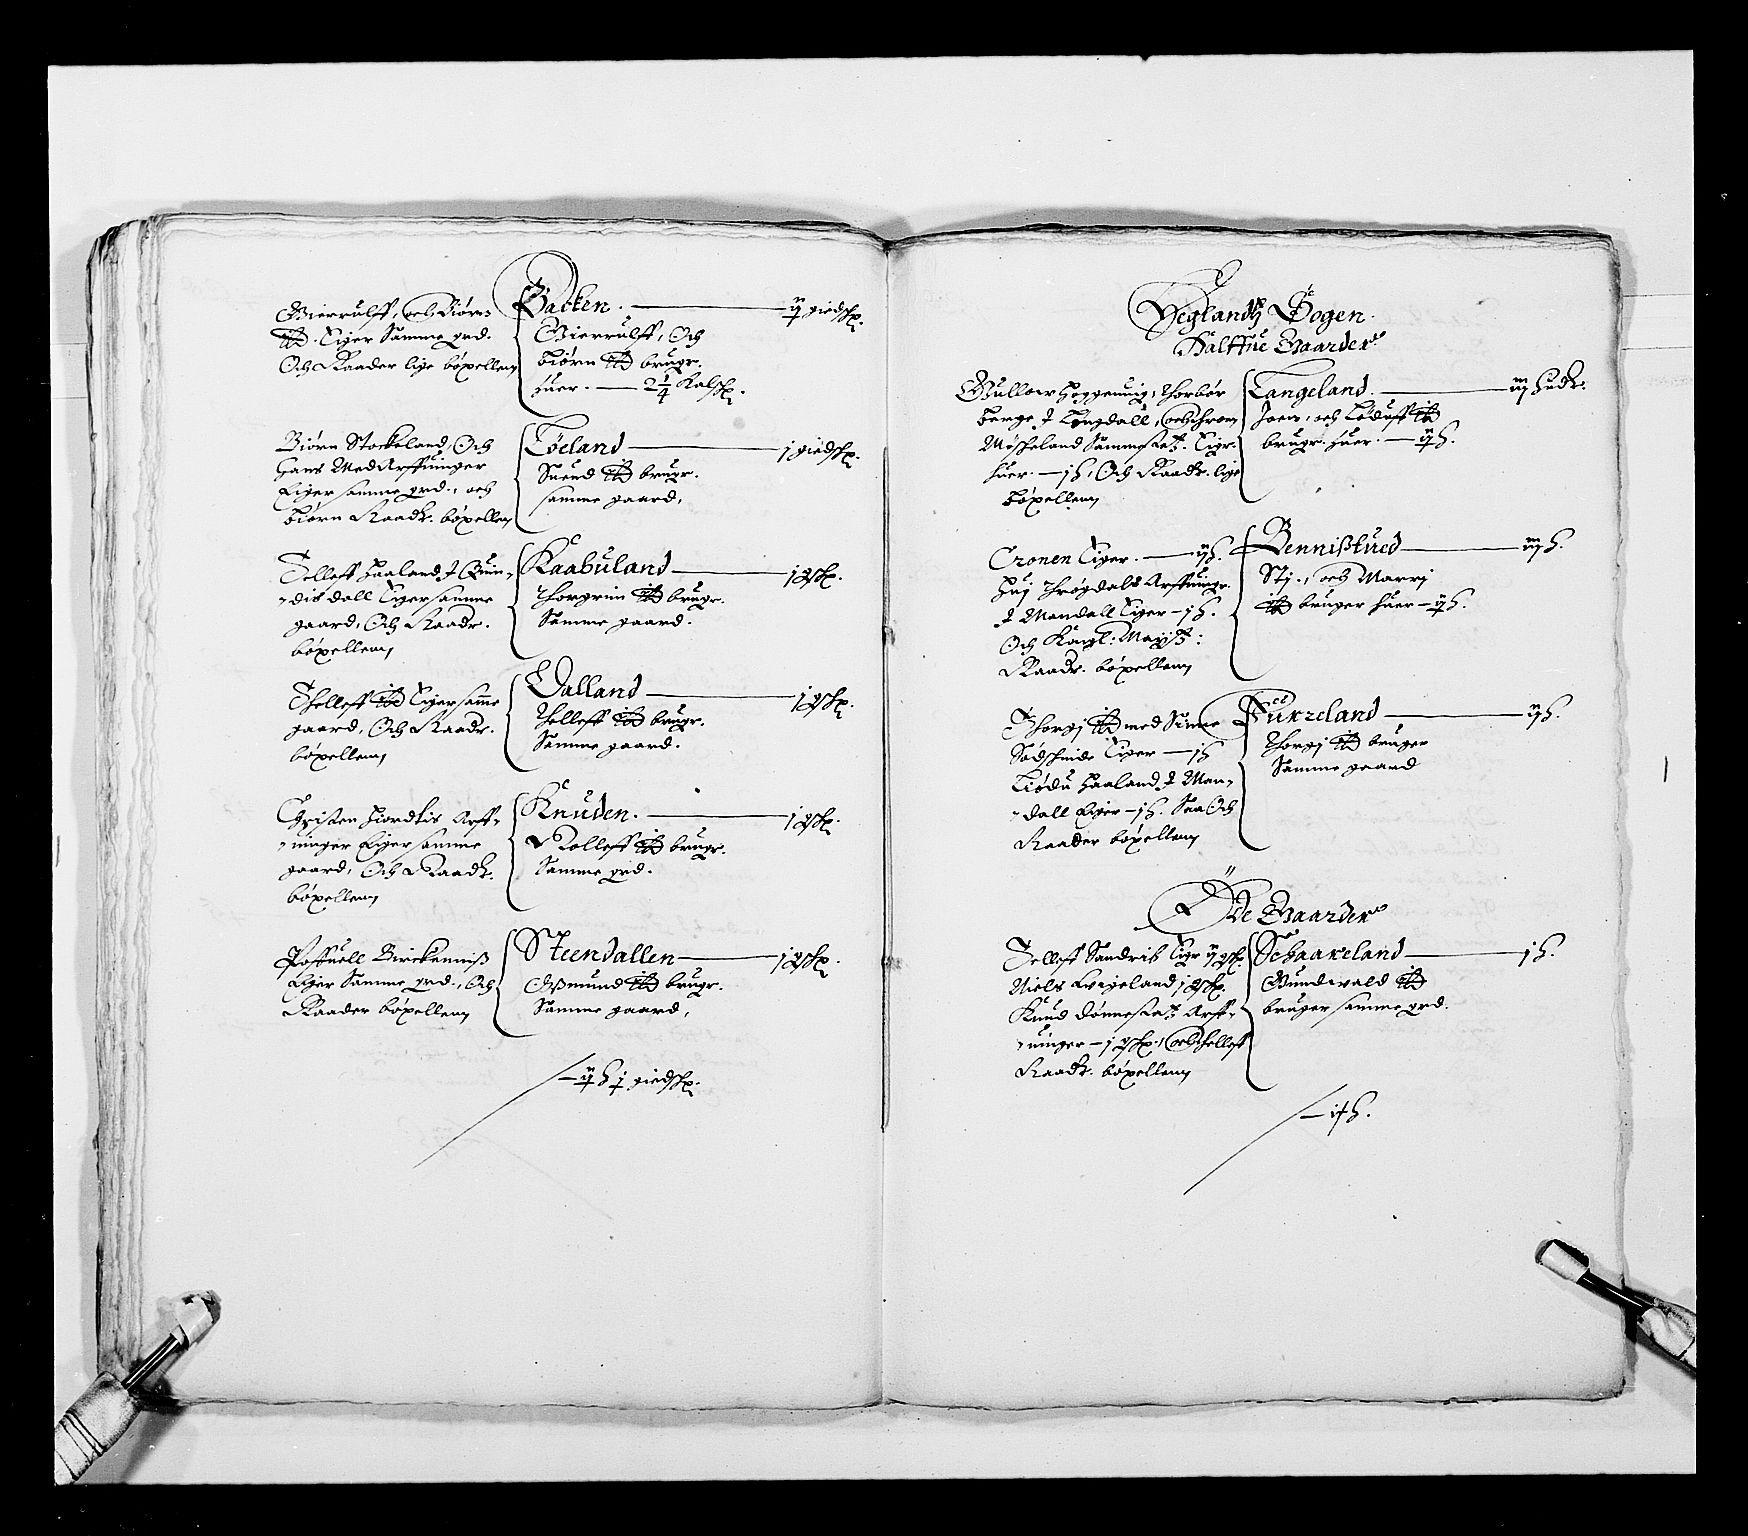 RA, Stattholderembetet 1572-1771, Ek/L0023: Jordebøker 1633-1658:, 1648-1649, s. 42